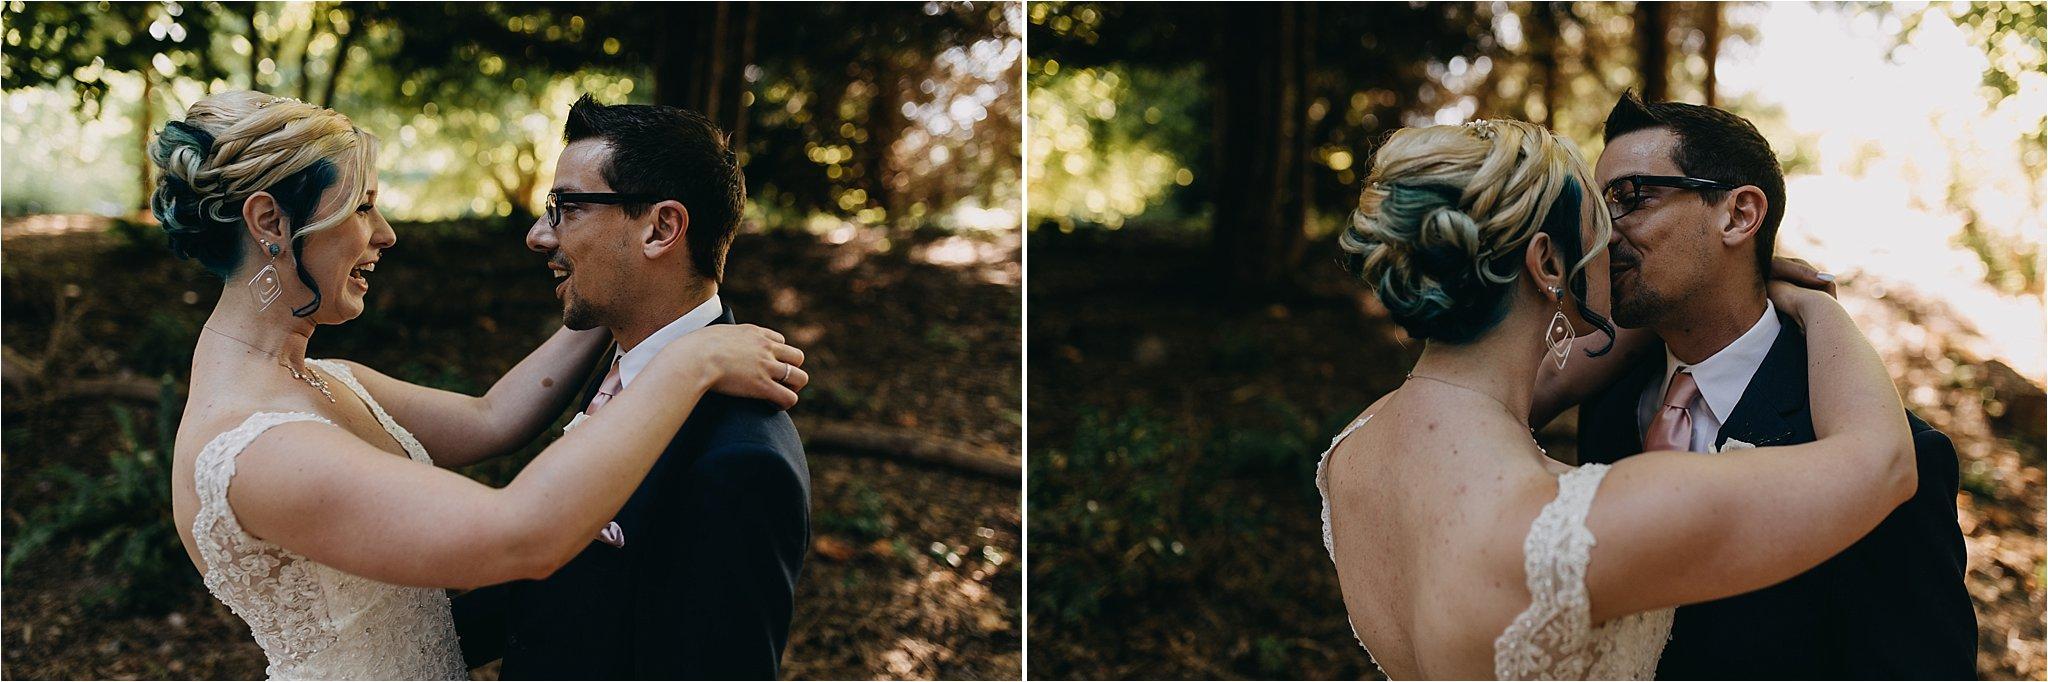 willows-lodge-ann-eric-wedding22.jpg